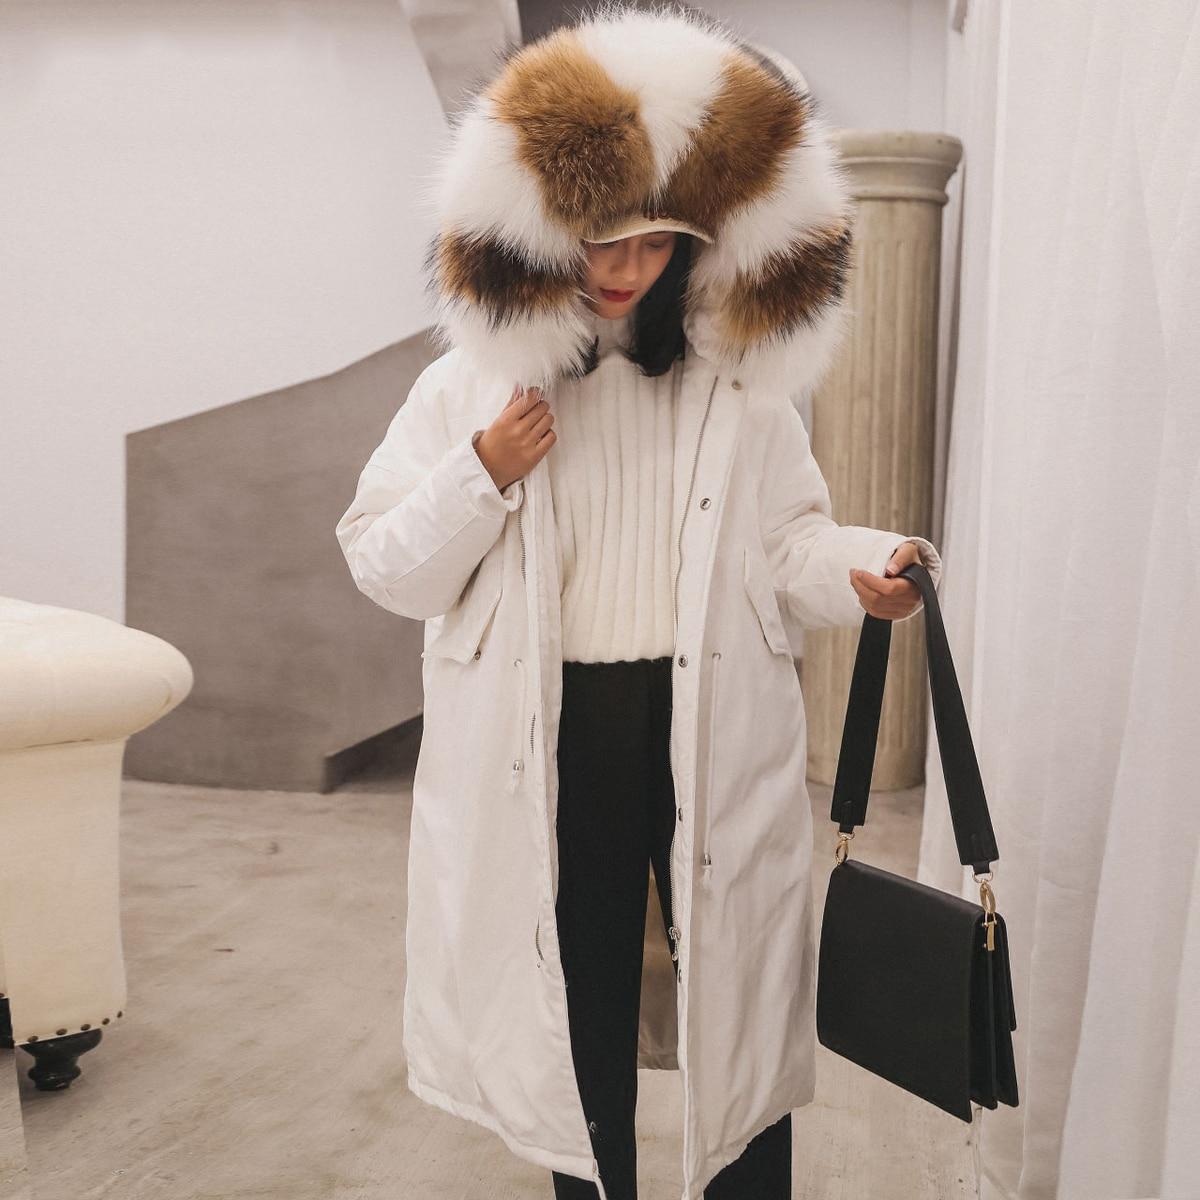 Fourrure Chaud D'hiver Le De Outwear Épais Vers Vêtements Long Femelle Col Réel Manteau Bas Femmes Veste Black Duvet Russe Canard Blanc Parkas brown Neige Luxe white AvRqwwd